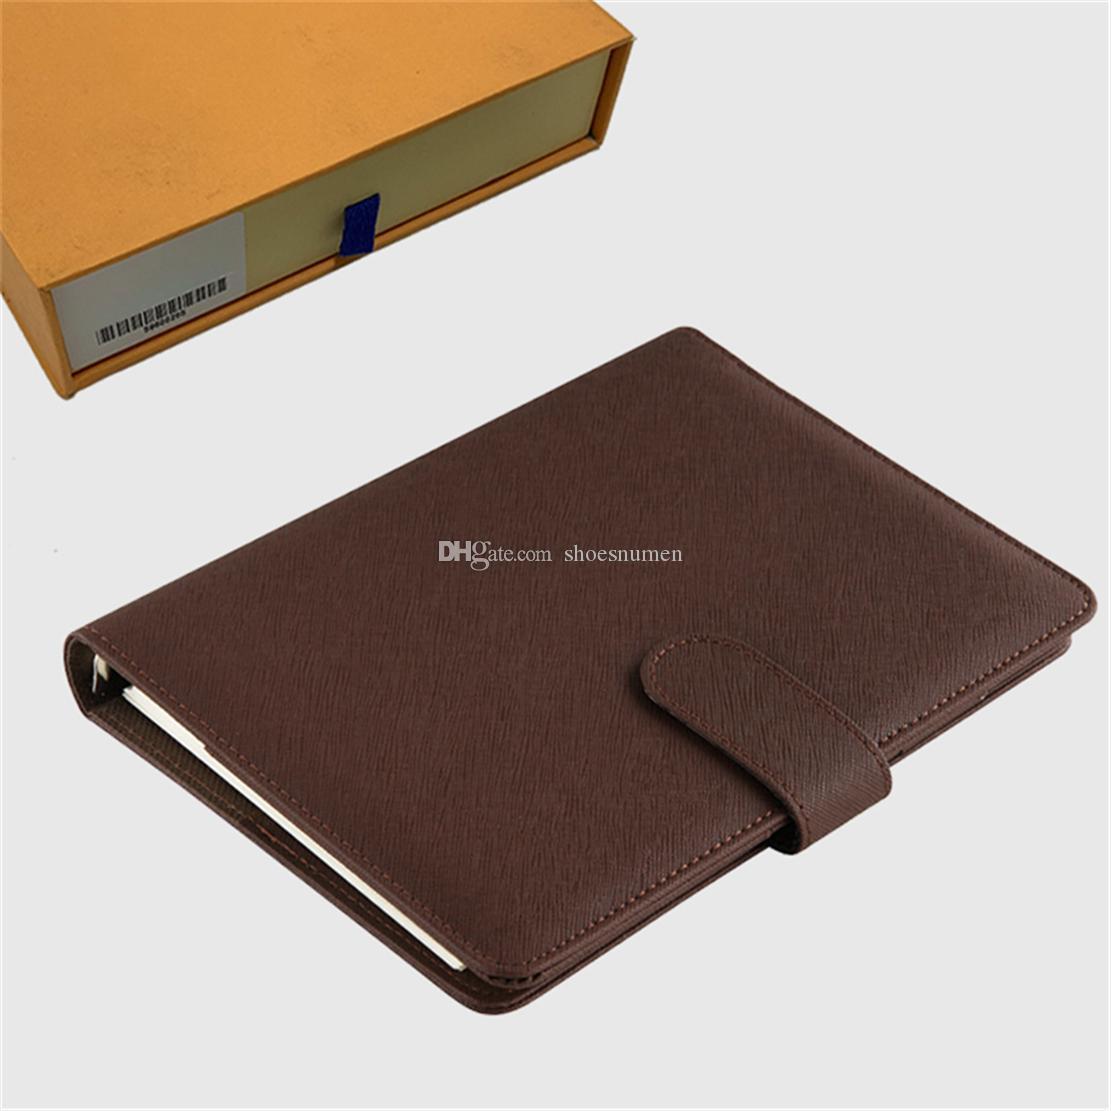 Notebook Notebook Bookbag bookbags capa do livro Bolsas Men Livro Designer Bolsas Bolsas Handbag Mulheres Bolsas